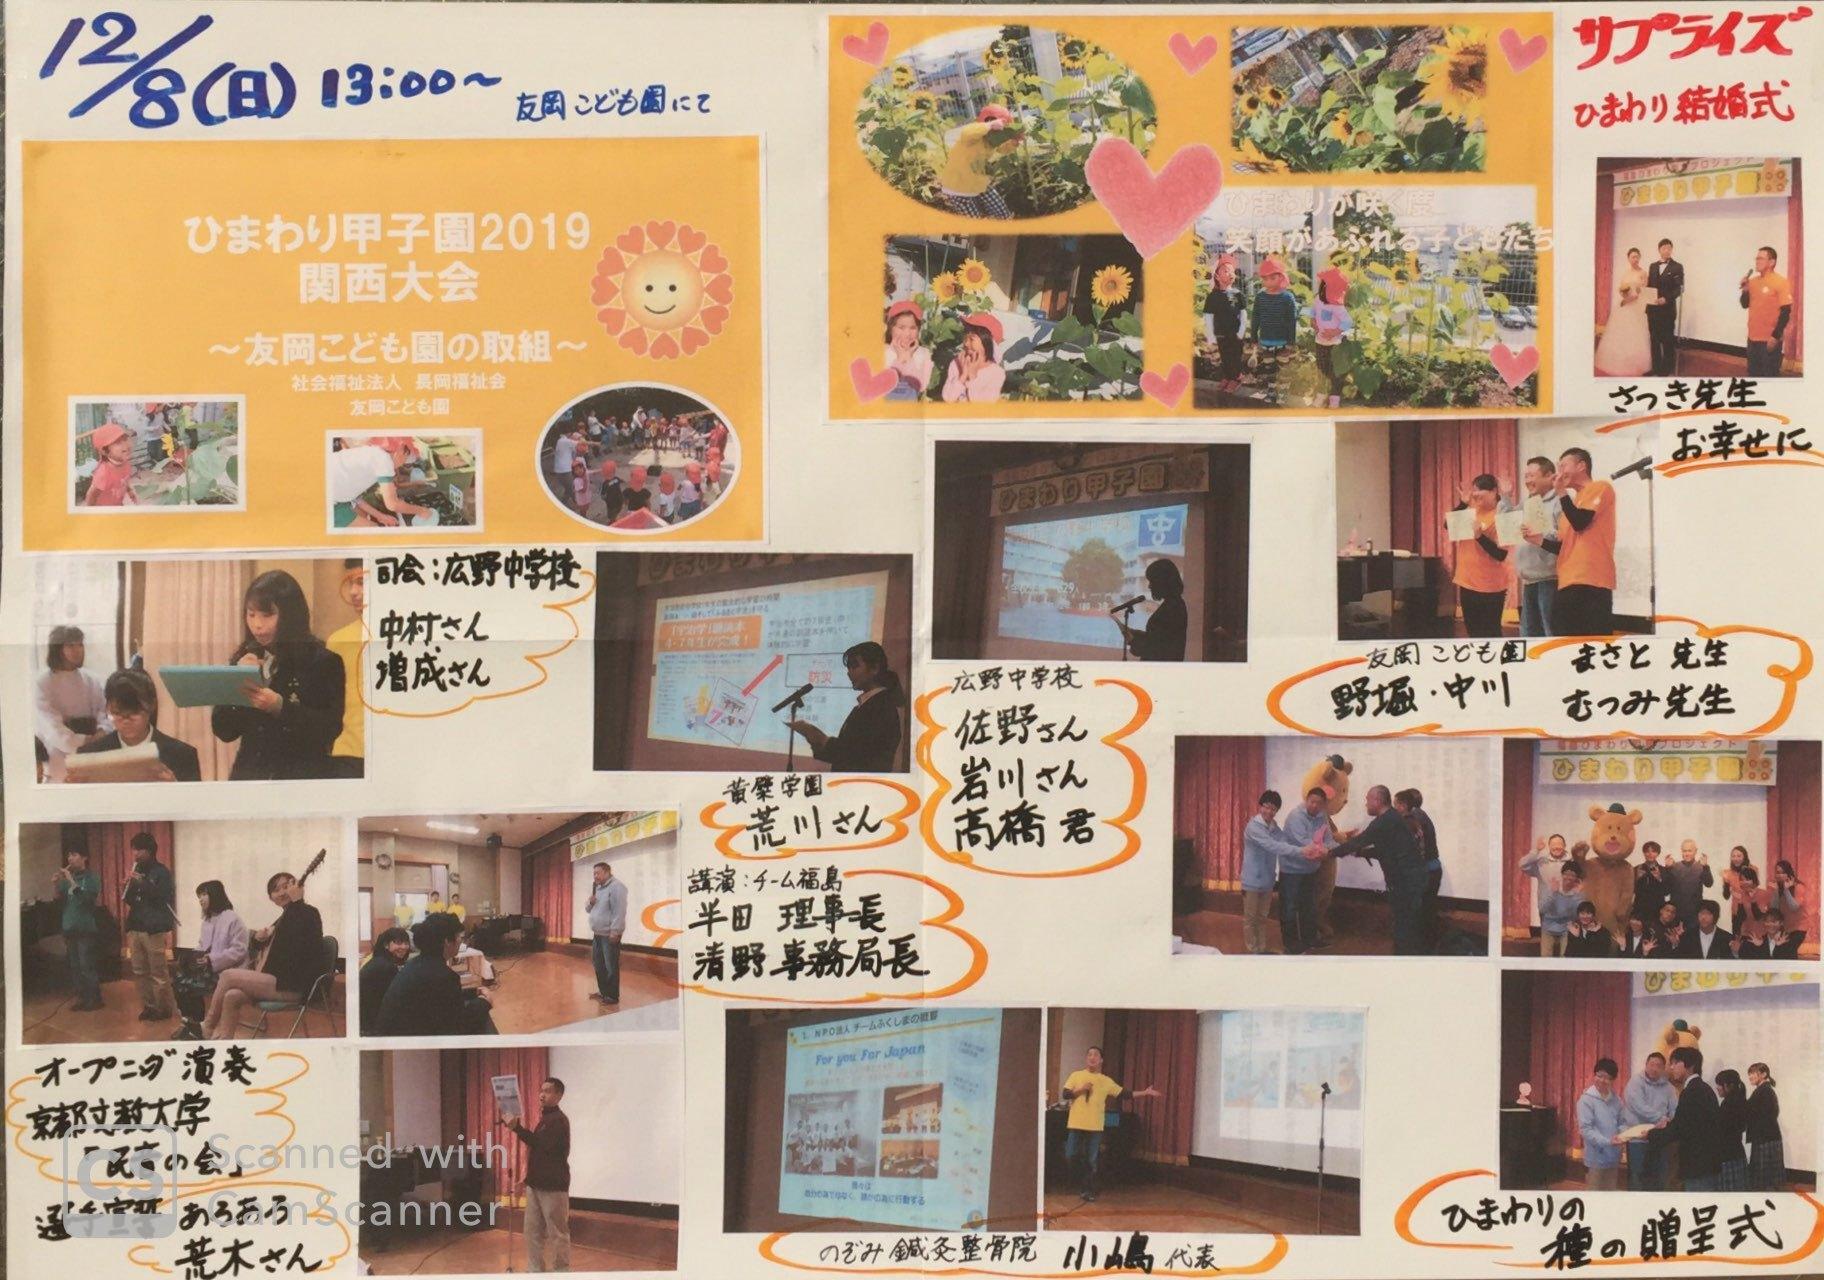 ひまわり甲子園関西大会当日